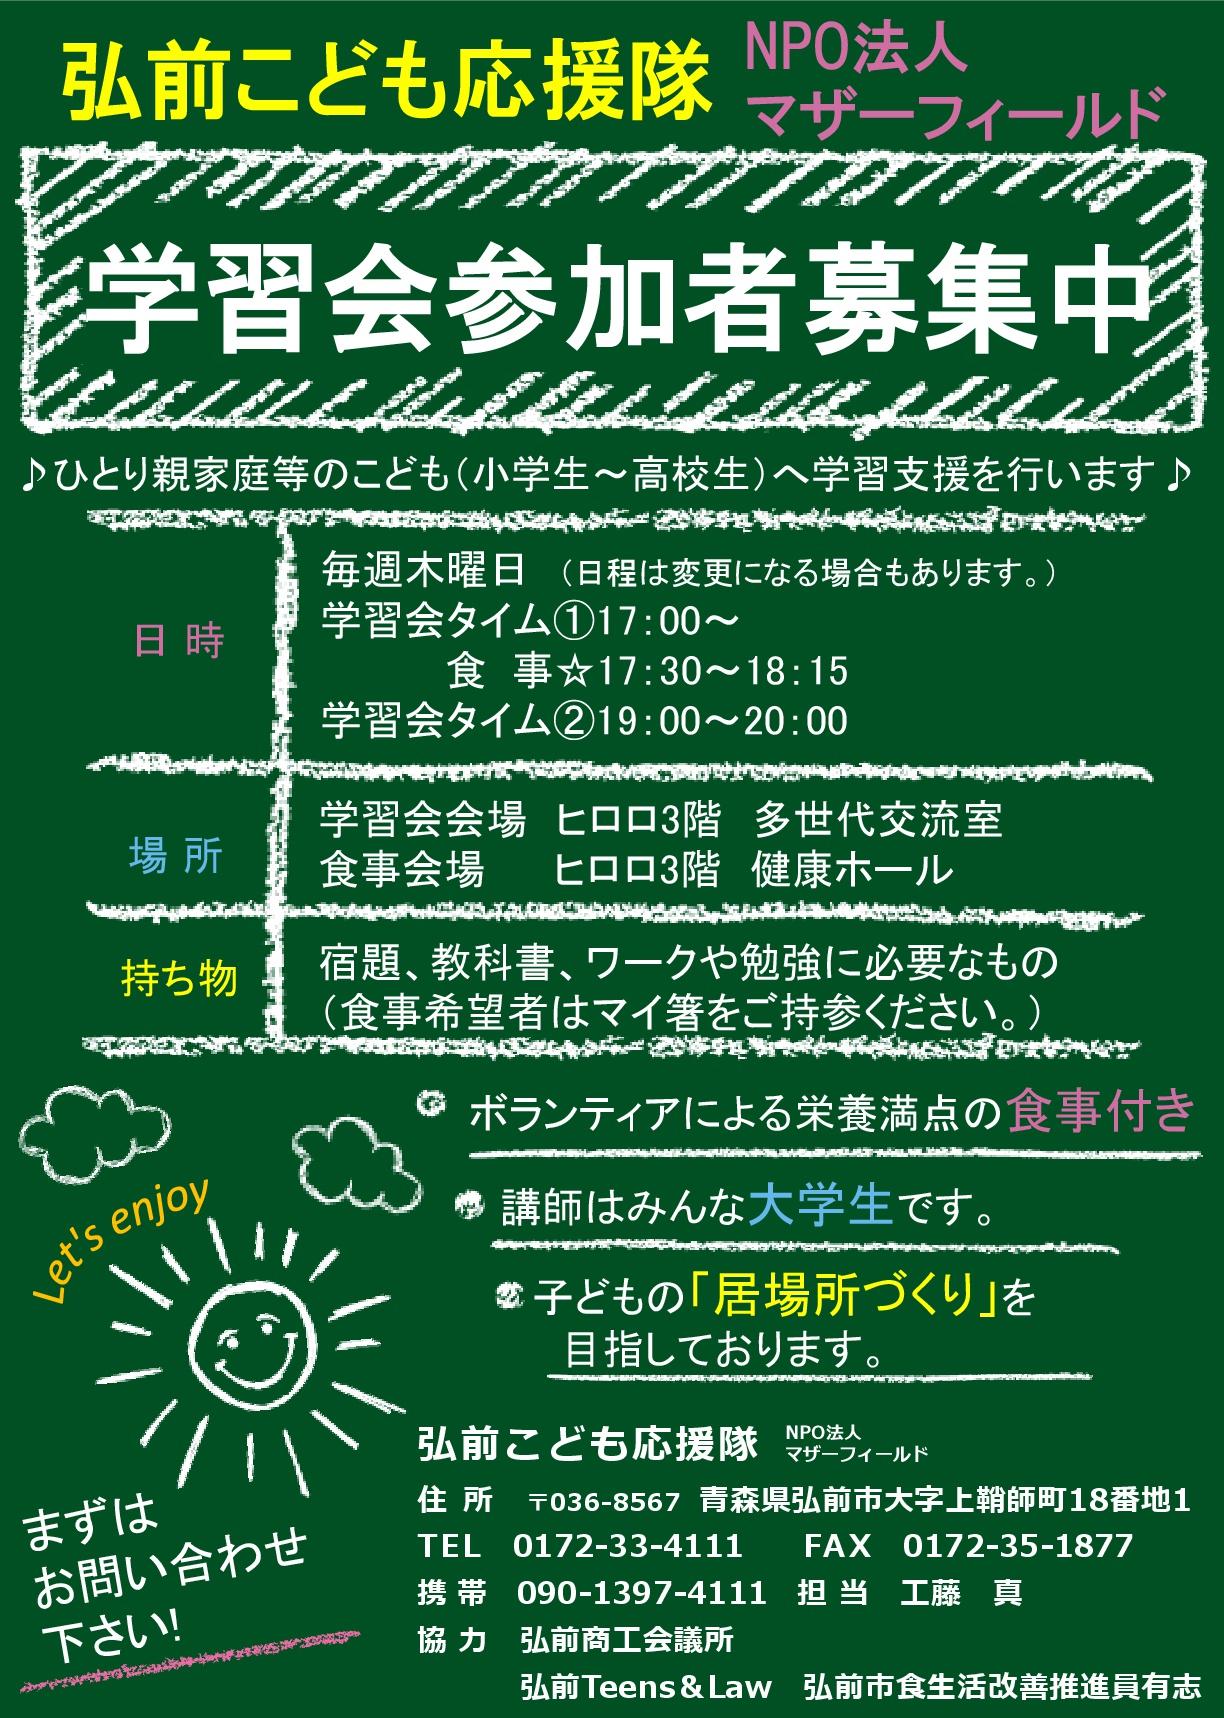 マザーフィールド学習会-001.jpg